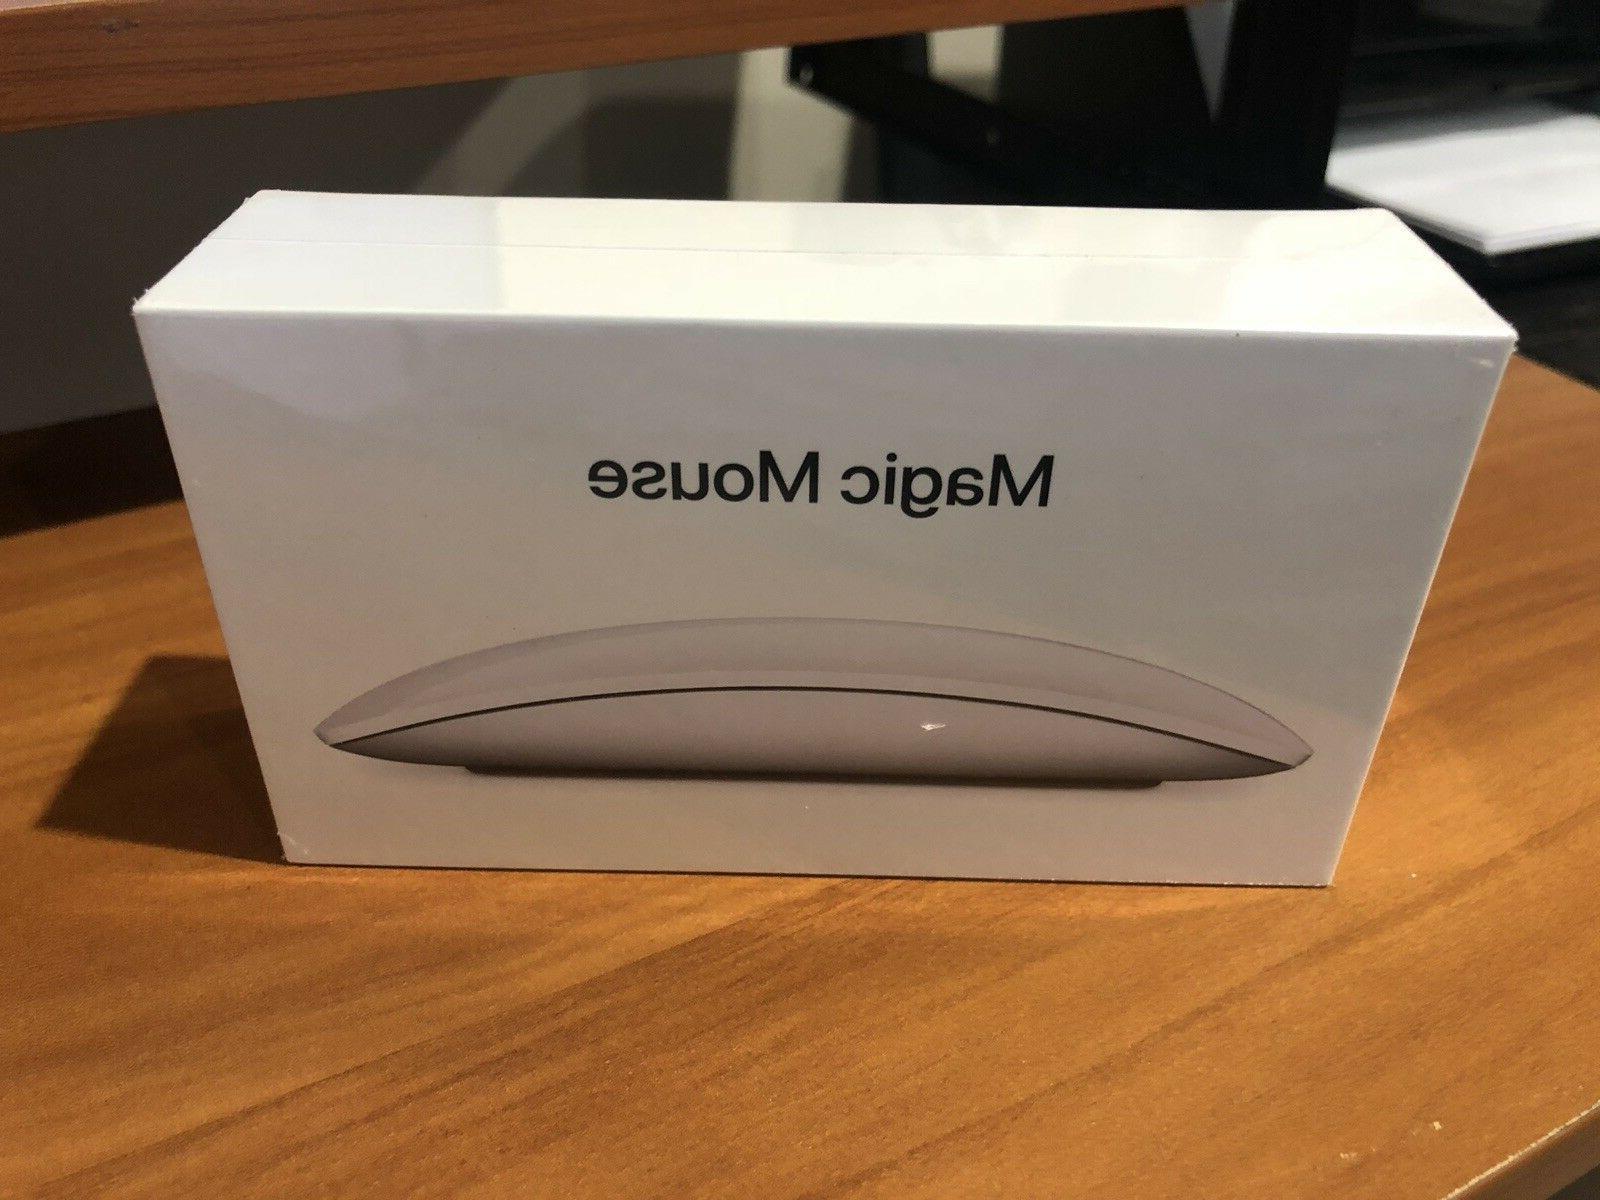 Wireless - - New, Sealed